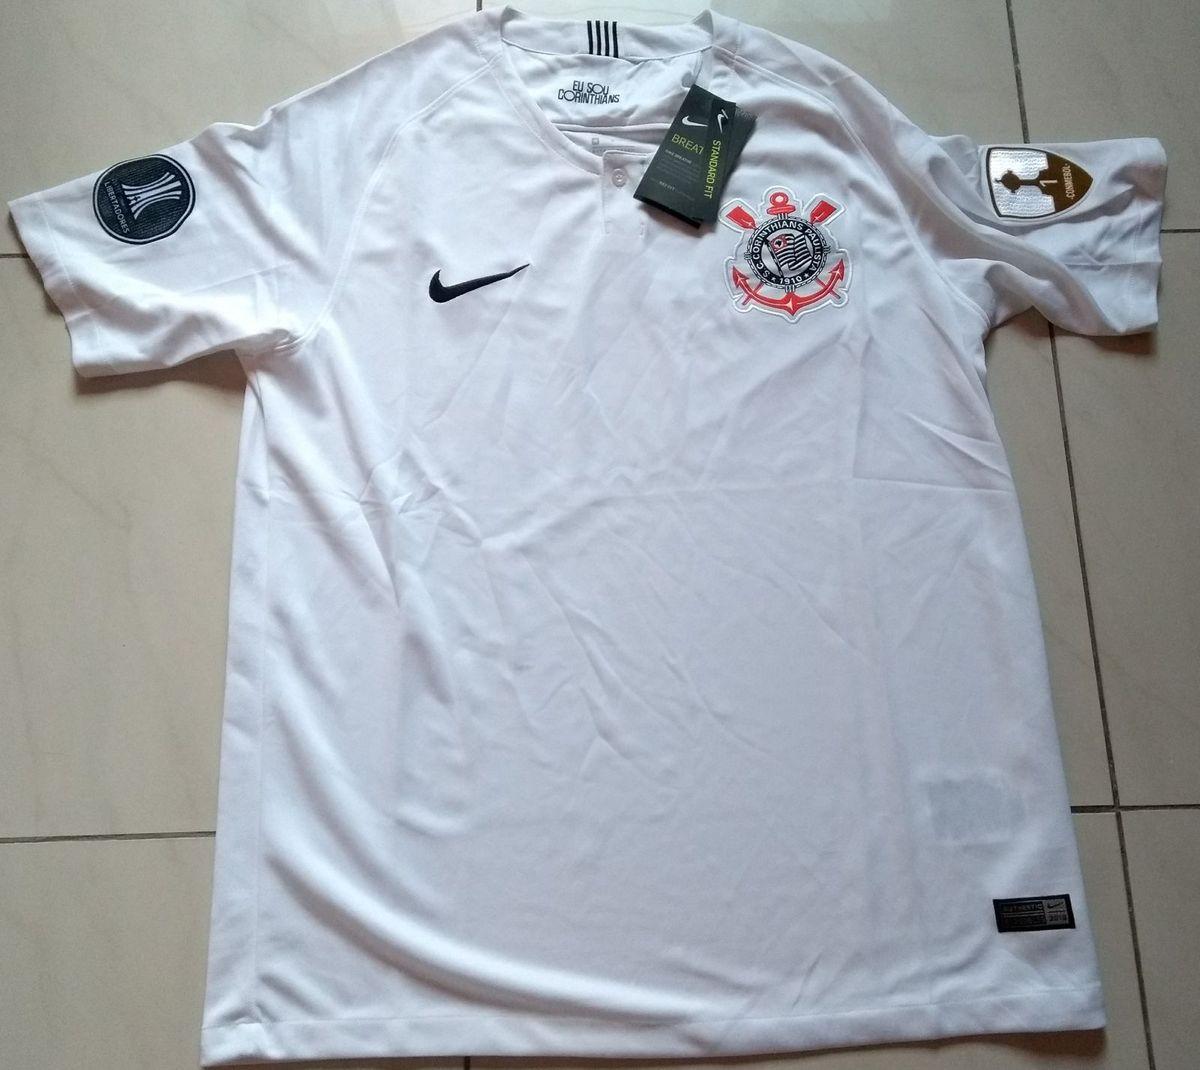 camisa nike sc corinthians original modelo 2018 home + patchs inclusos - camisas  nike 86c1c8e9527ae